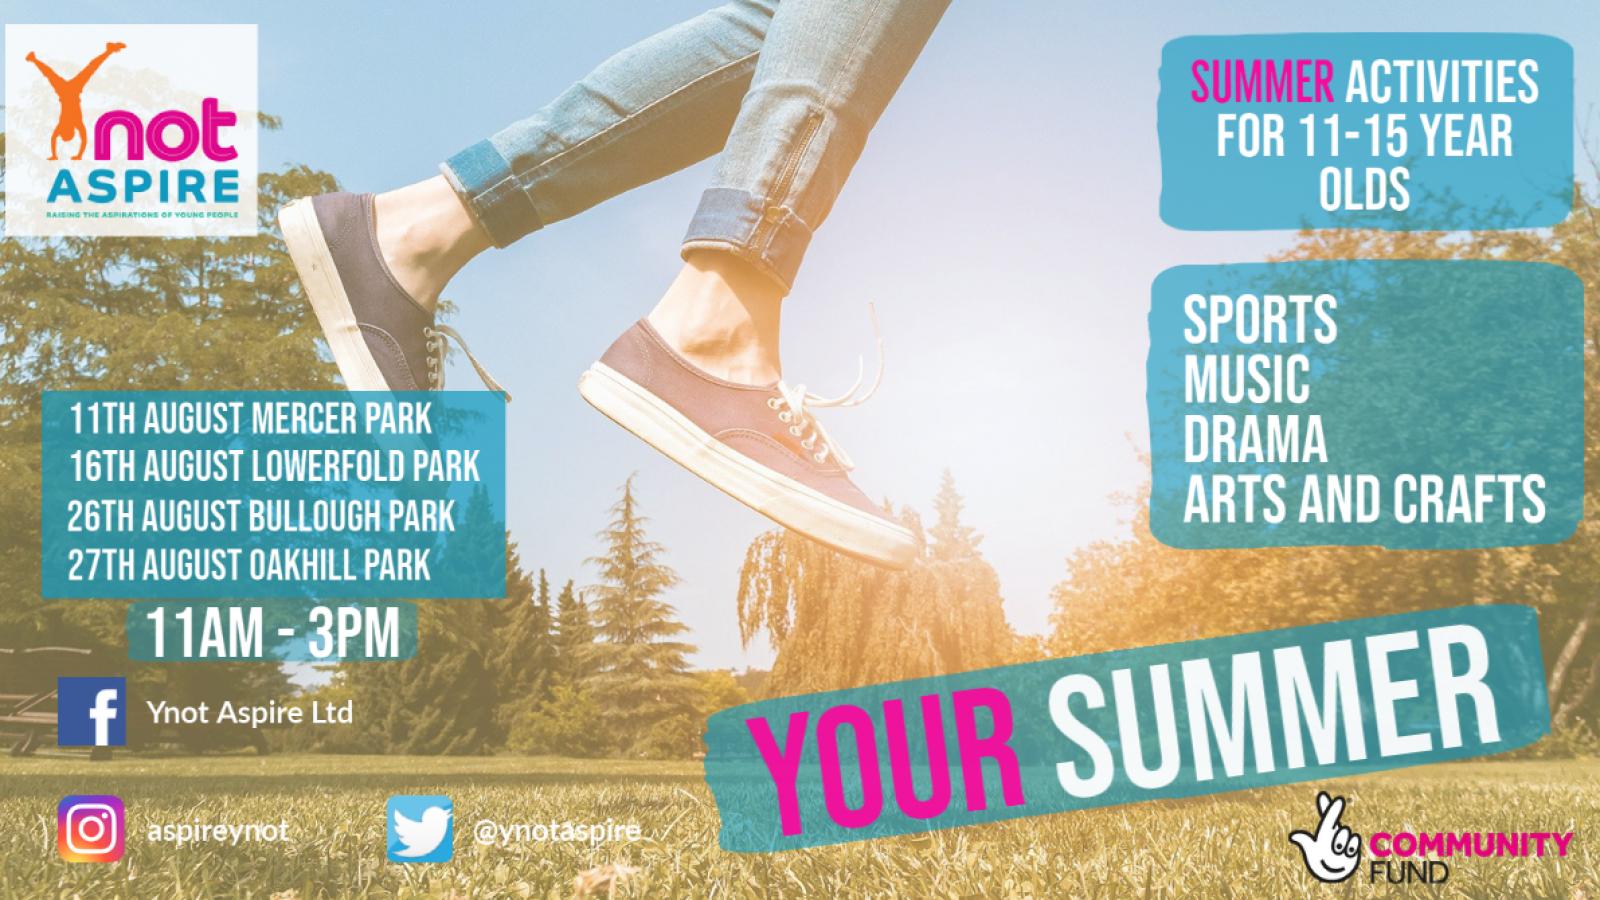 Summer activities poster